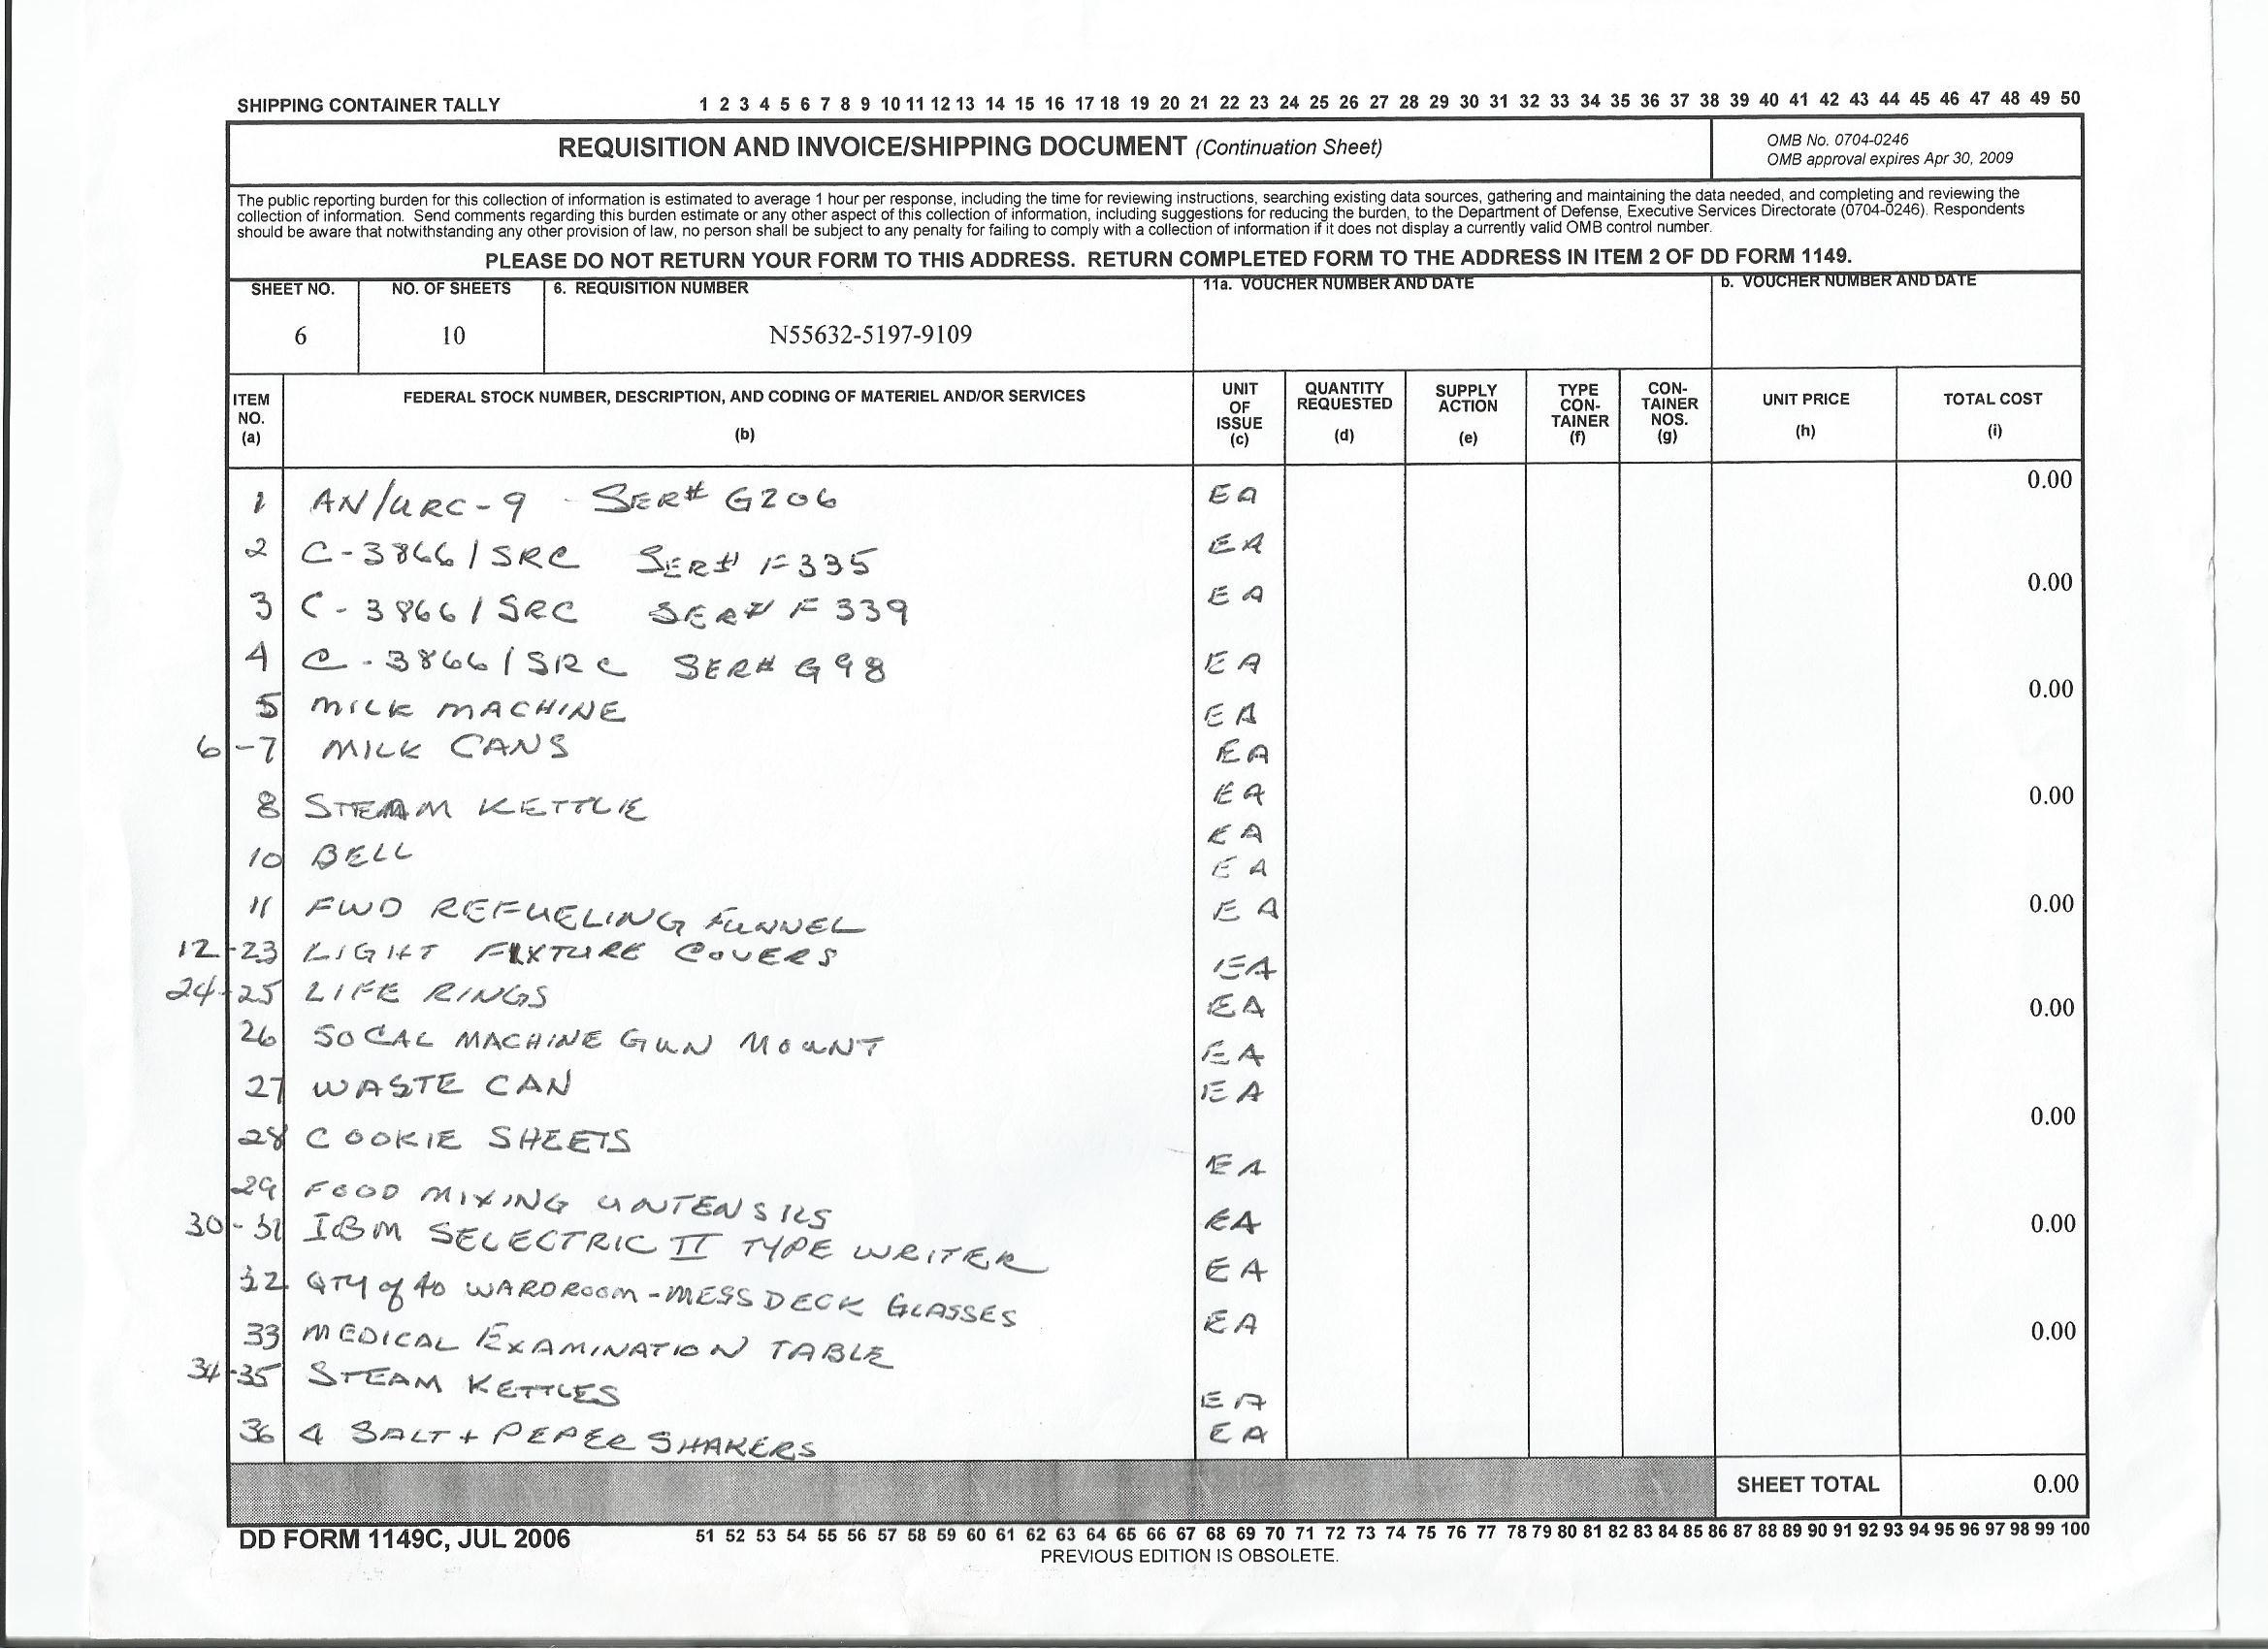 dd1149-7-14-15 pg.5